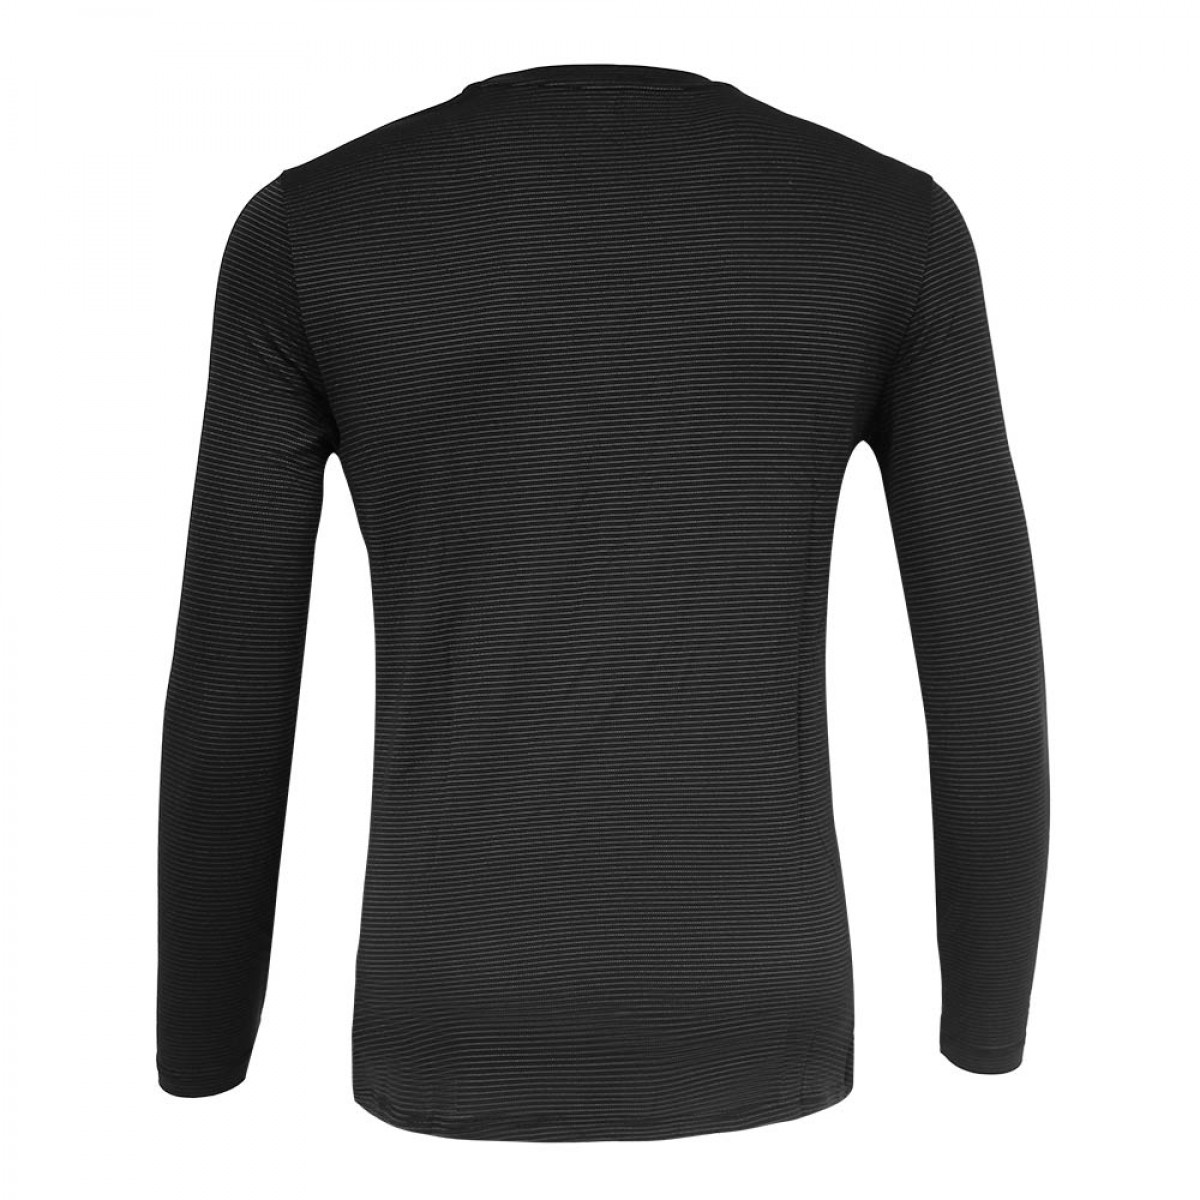 women-knitted-long-sleeve-t-shirt-kklst16945-8a